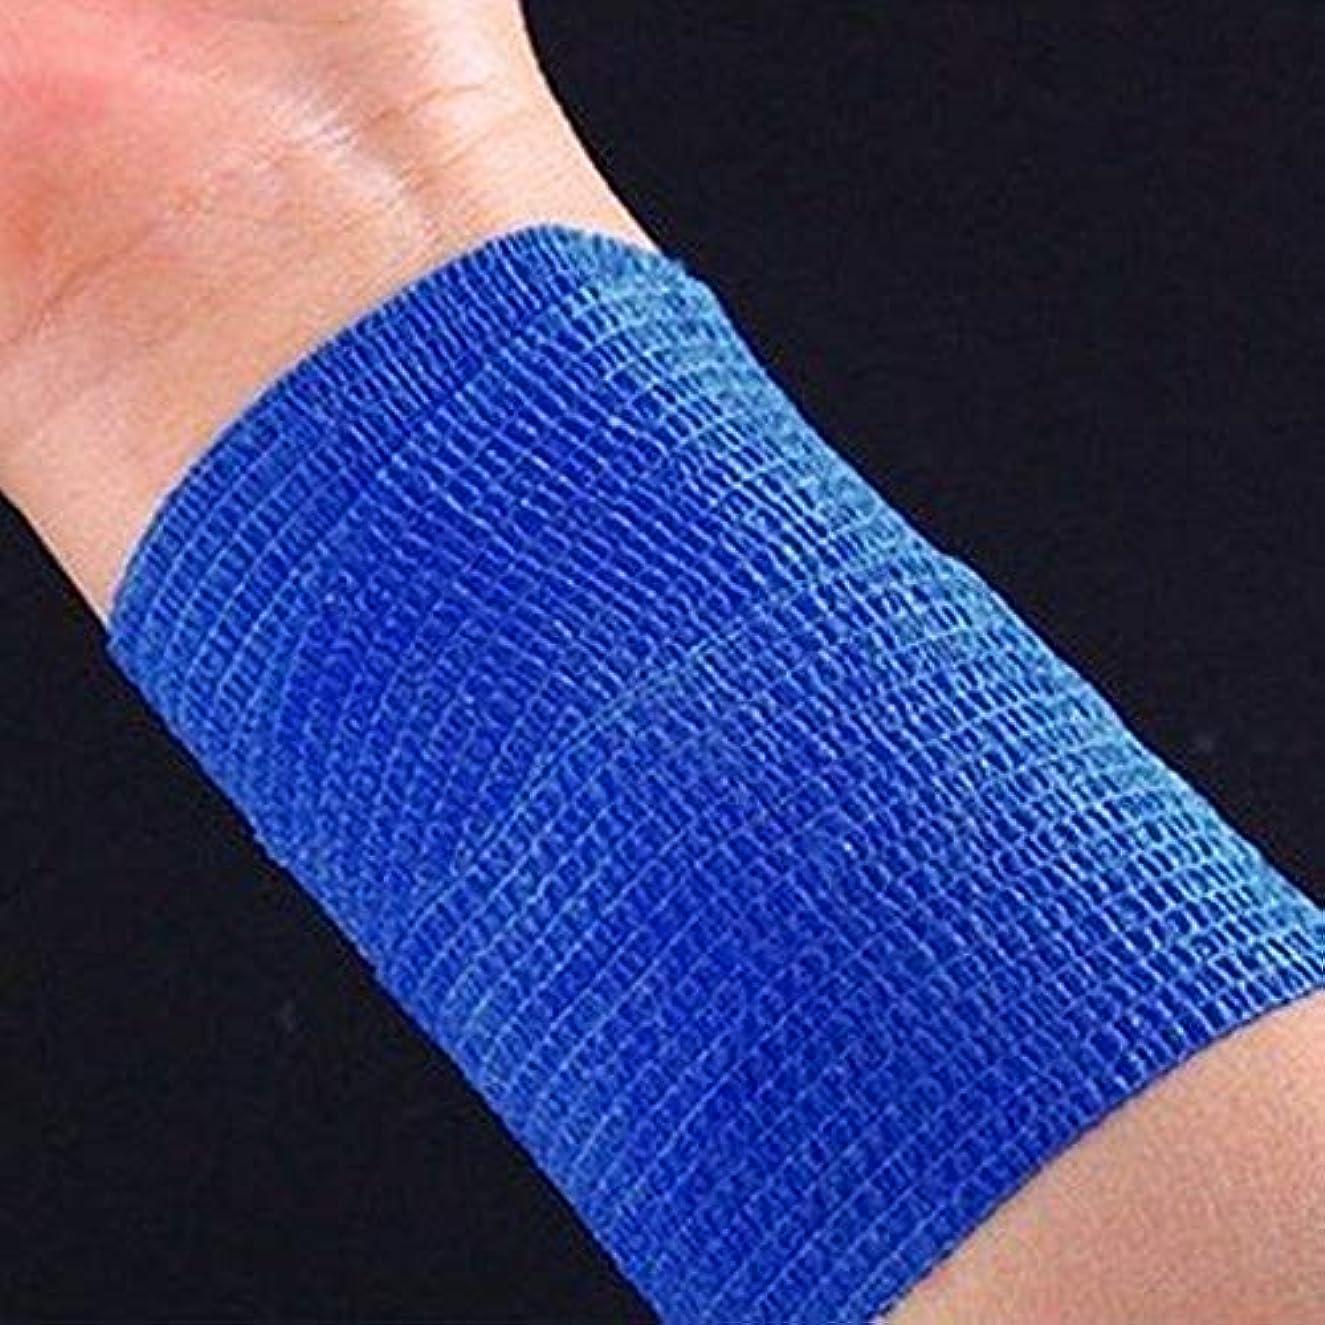 哲学博士スロープひばりPichidr-JP 自己接着包帯足首の捻挫、腫れや手首のための2インチの便利な弾性包帯